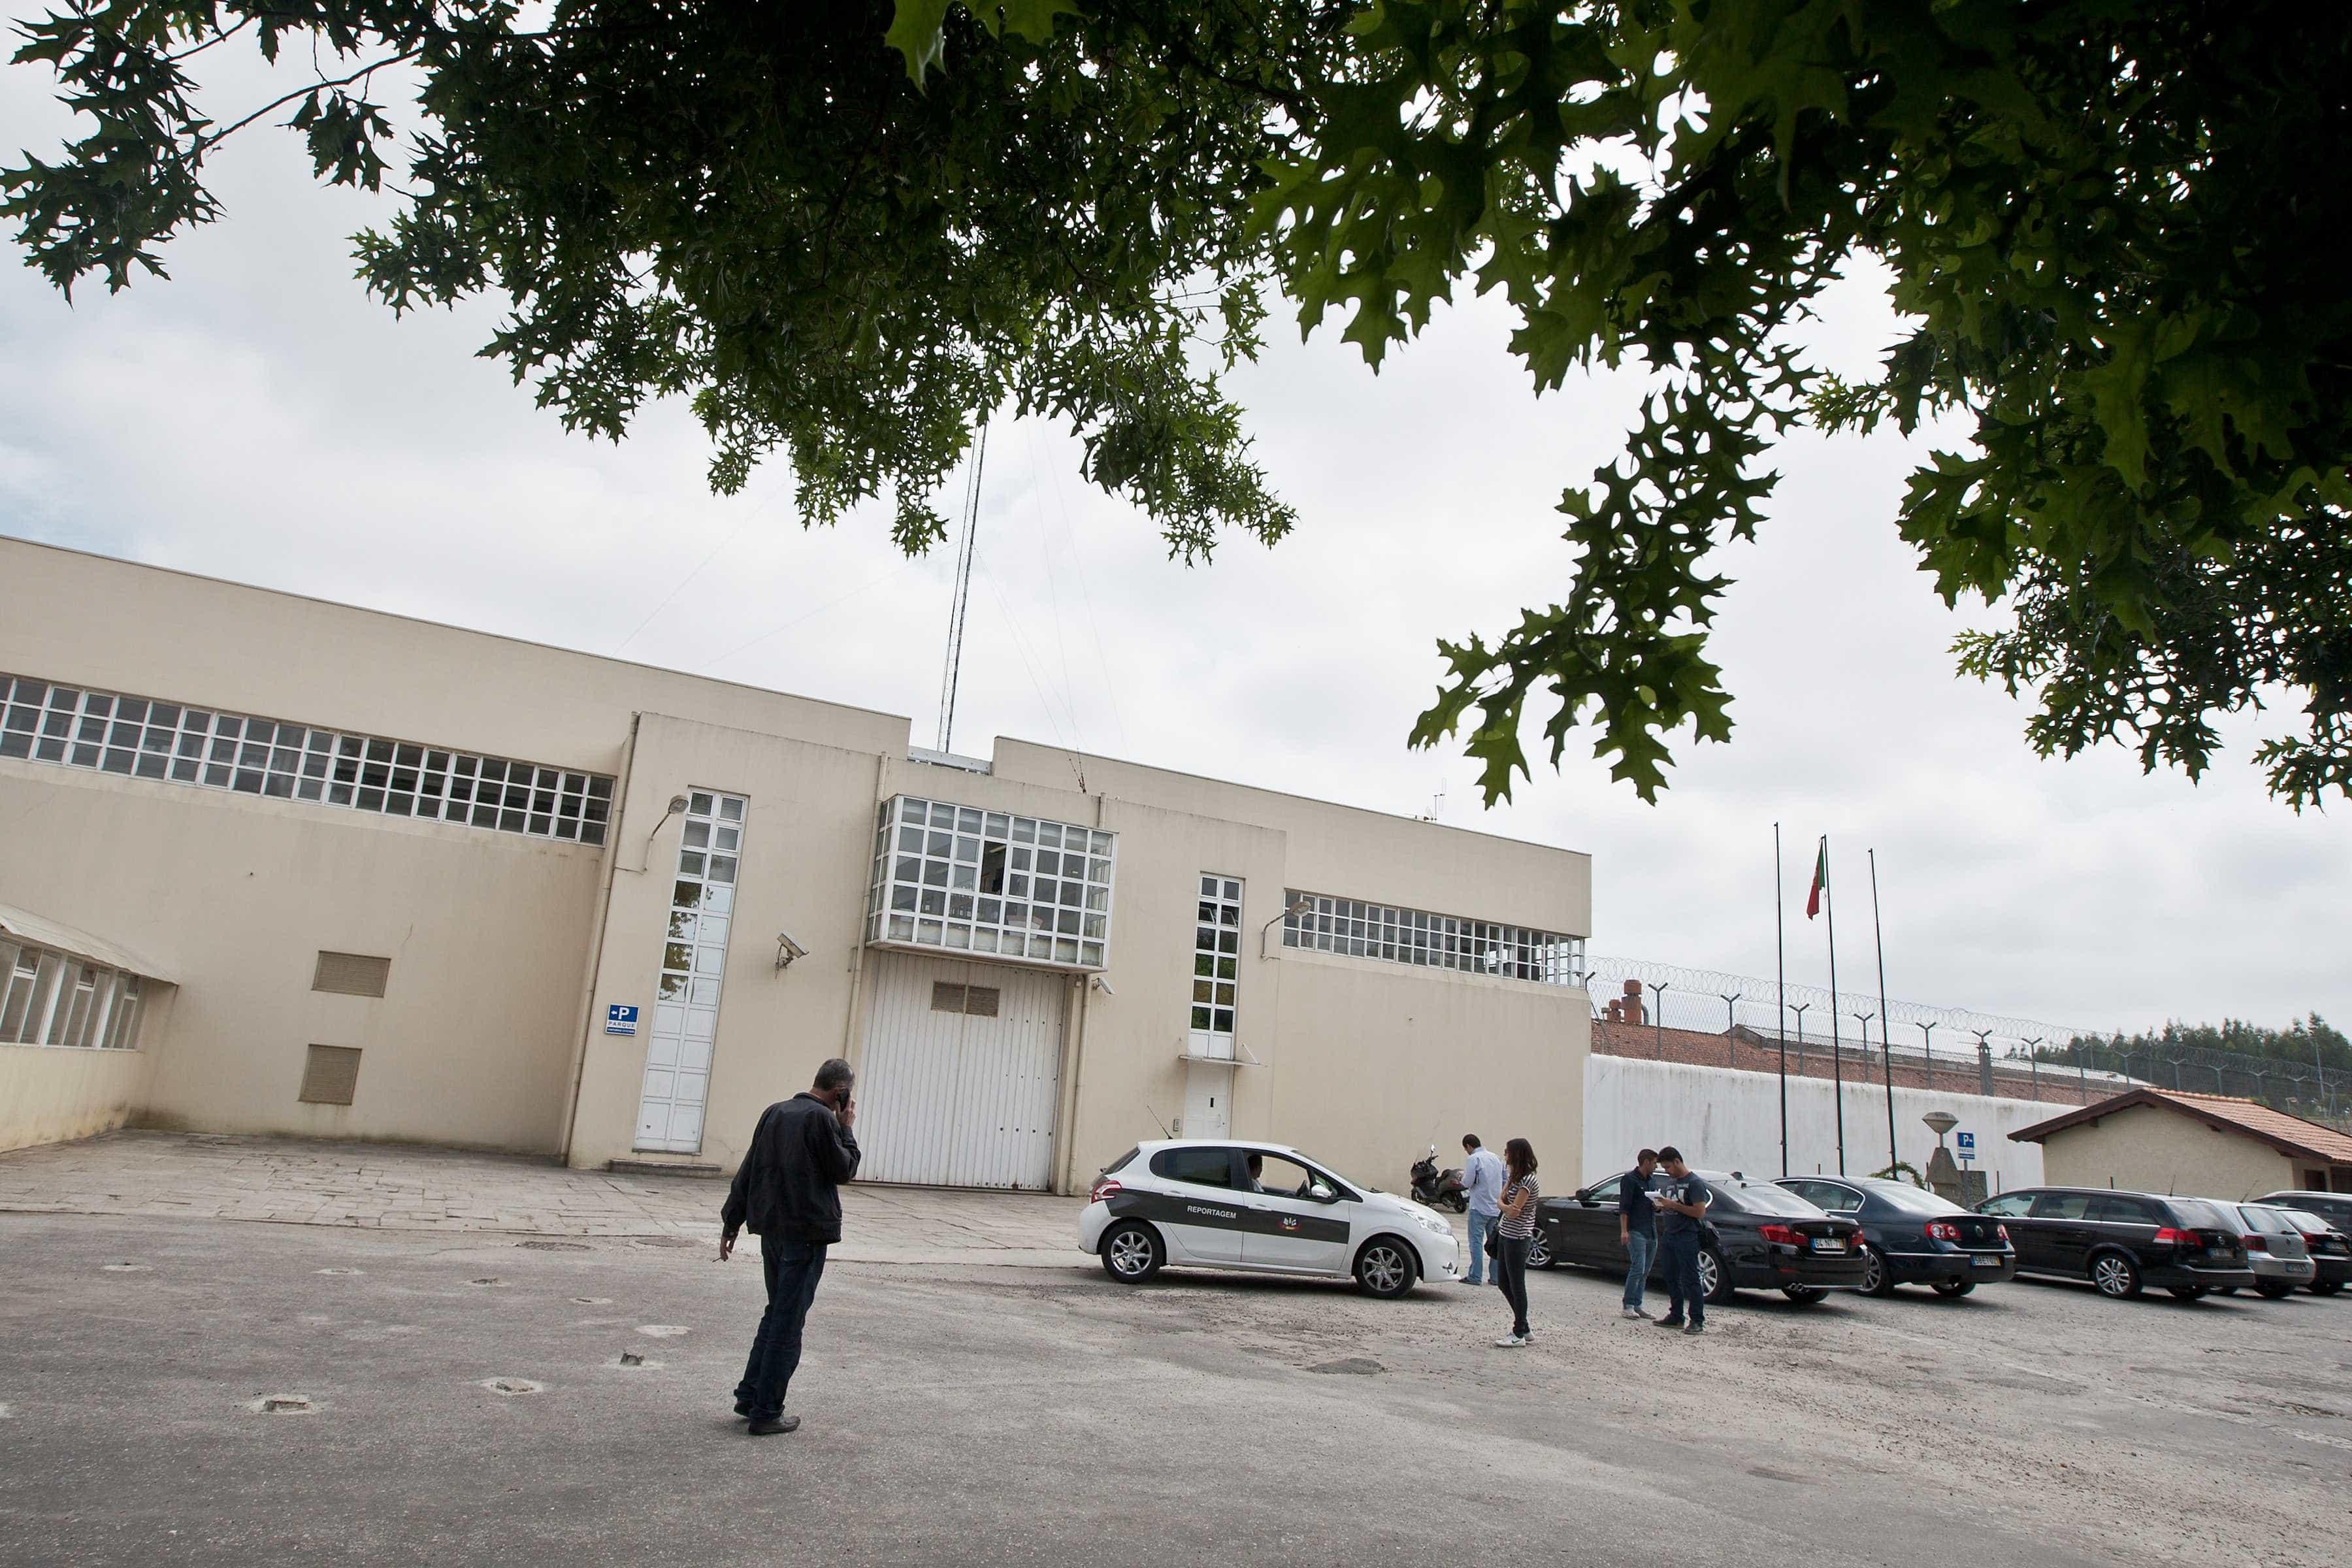 Prisão de Paços é alvo de novas buscas. Seringas e droga apreendidas